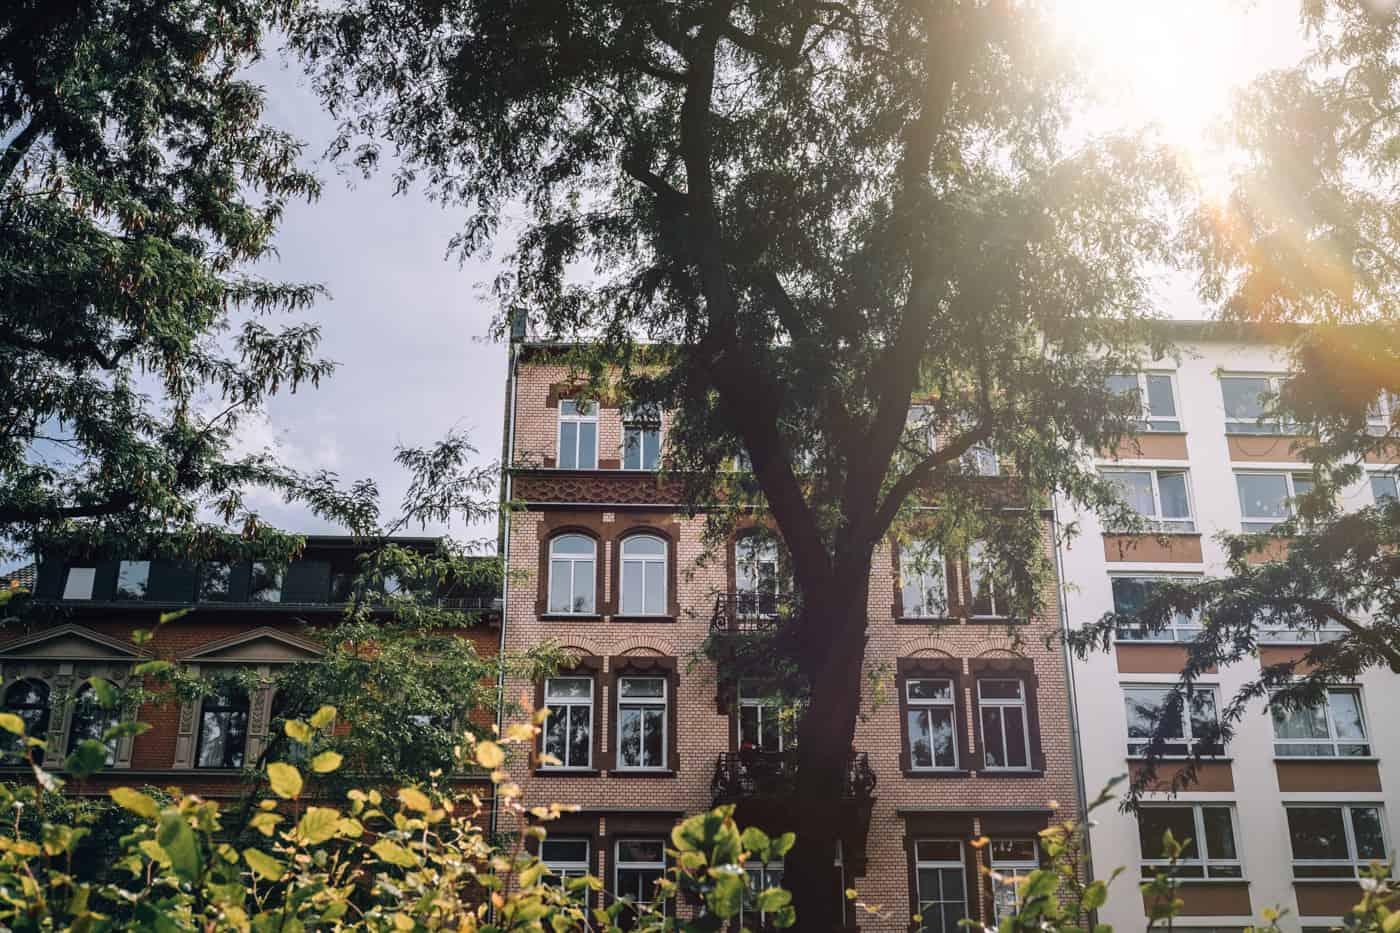 Mainz - Sehenswürdigkeiten, schönste Ecken, Essens- & Insider Tipps: Rund um den Gartenfeldplatz in der Mainzer Neustadt